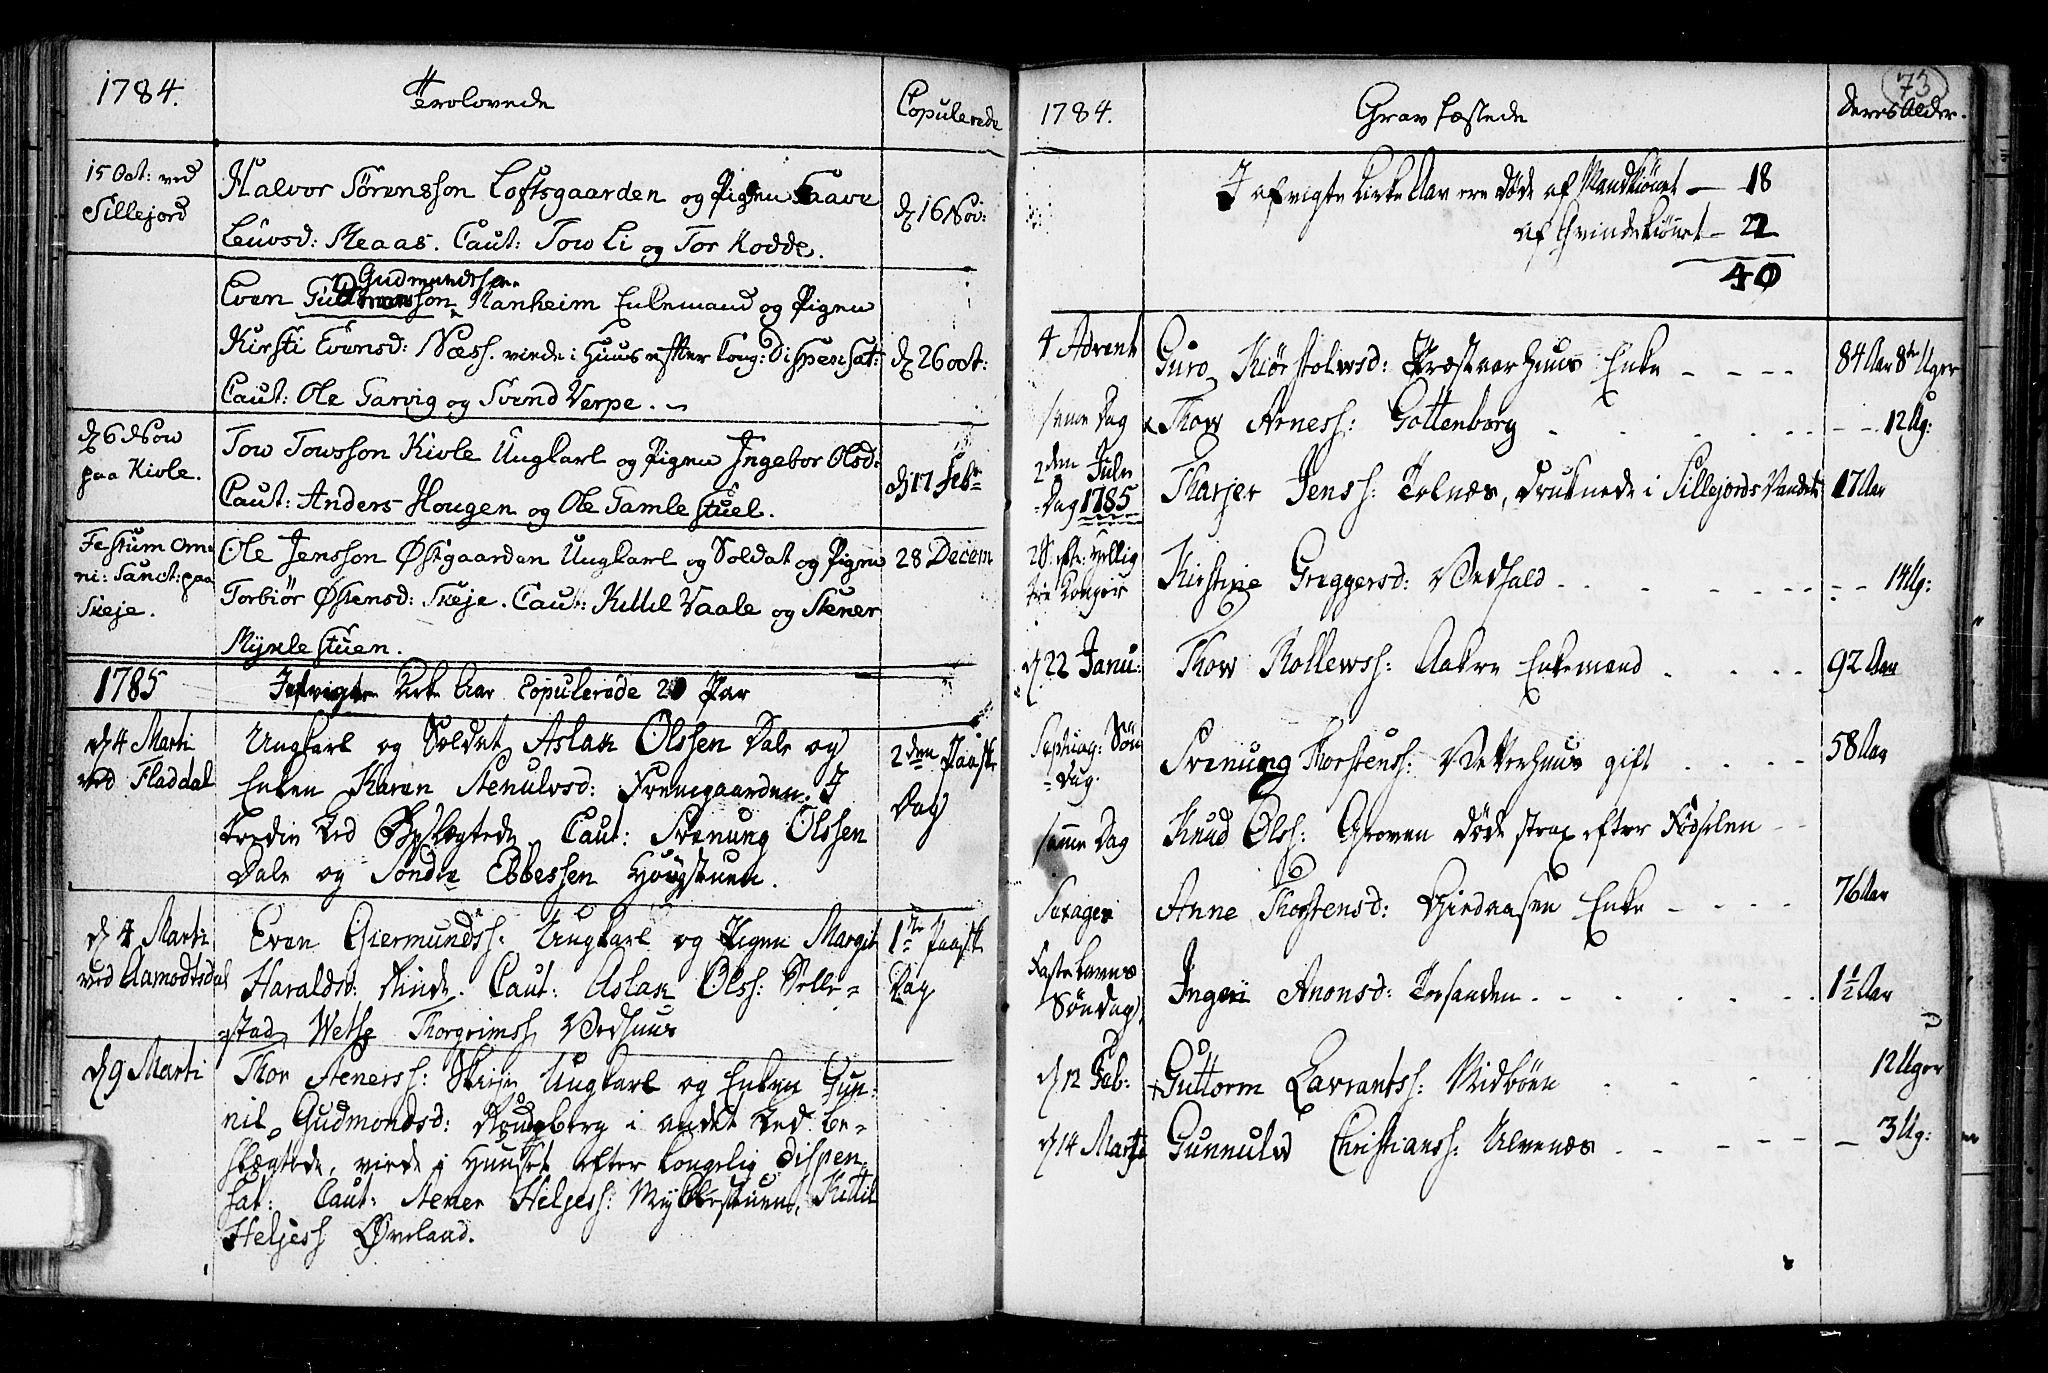 SAKO, Seljord kirkebøker, F/Fa/L0008: Ministerialbok nr. I 8, 1755-1814, s. 73